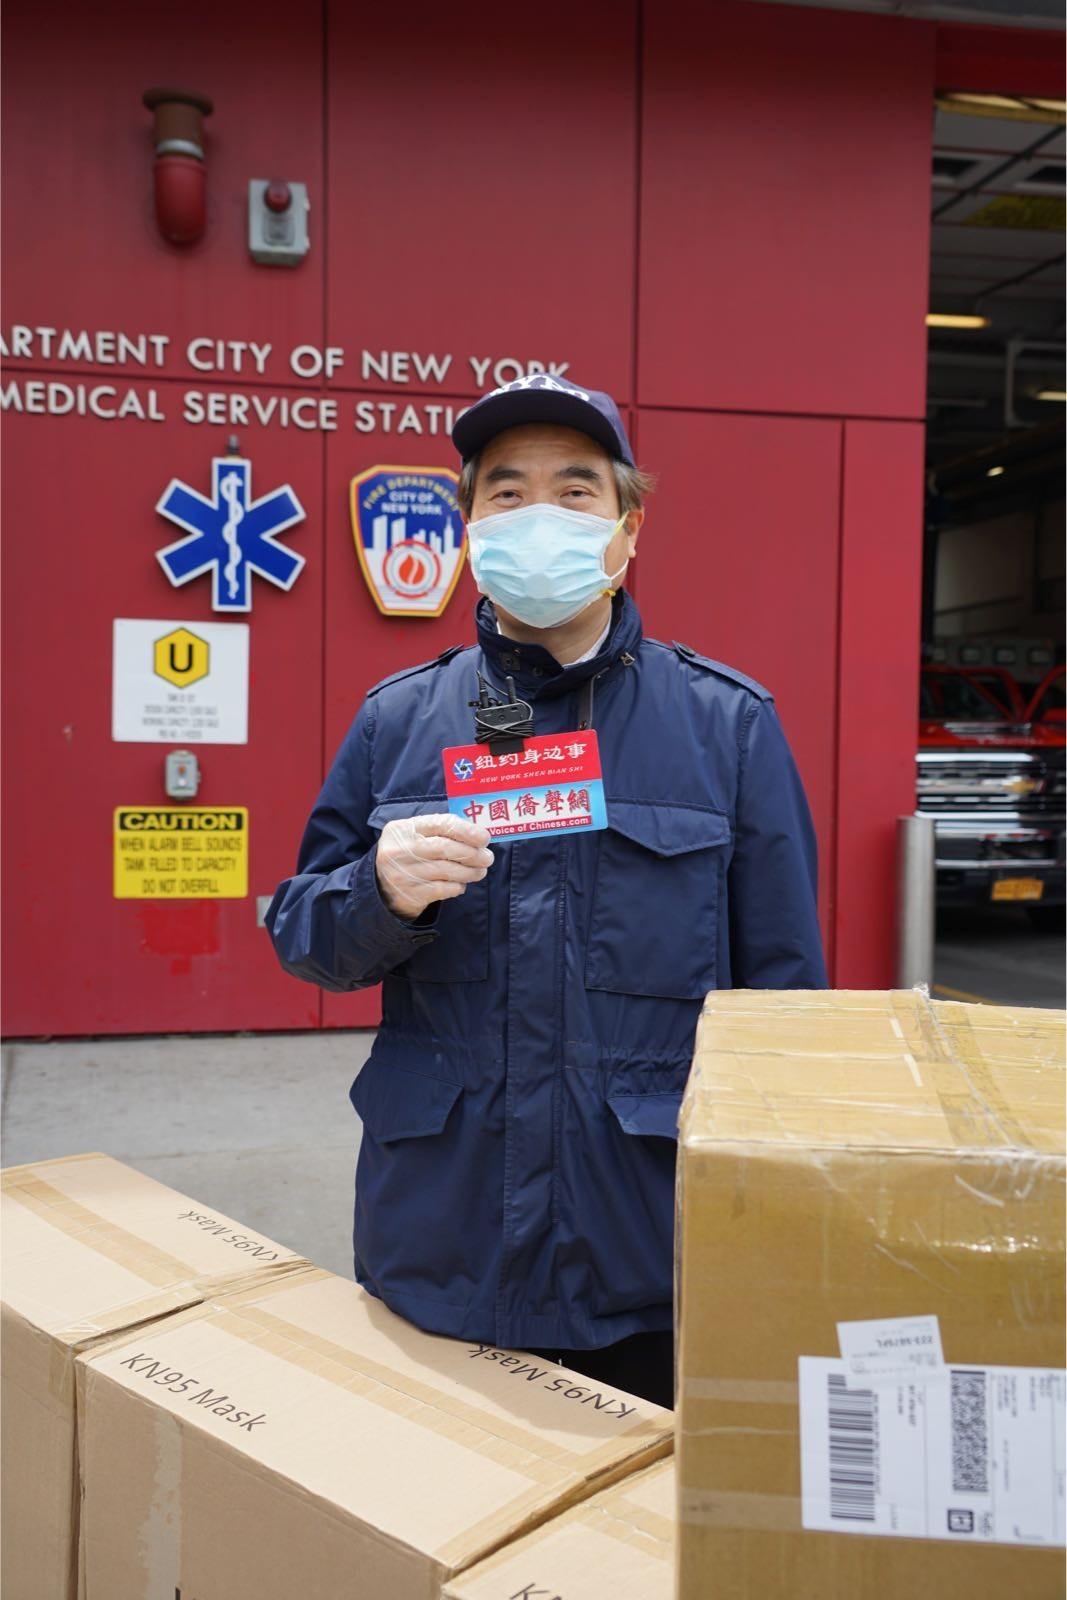 紐約華人僑團及企業家獻愛心捐贈防護物资給市消防局协助抗擊COVID-19疫情 ... ... ... ..._图1-10